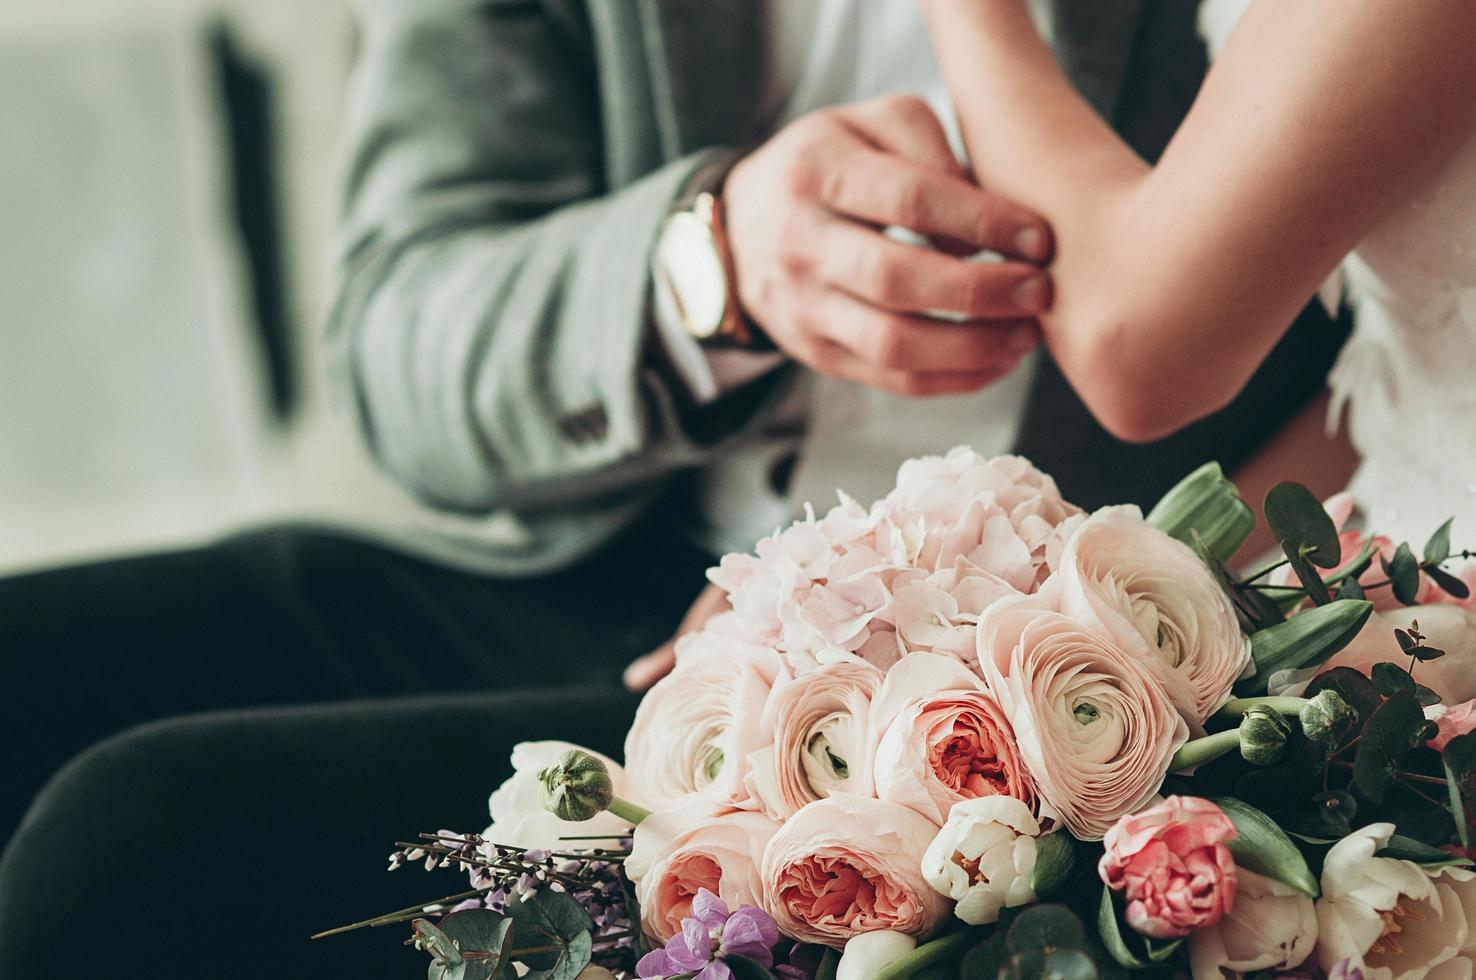 bröllopsbukett med suddig brud och brudgum i bakgrunden foto